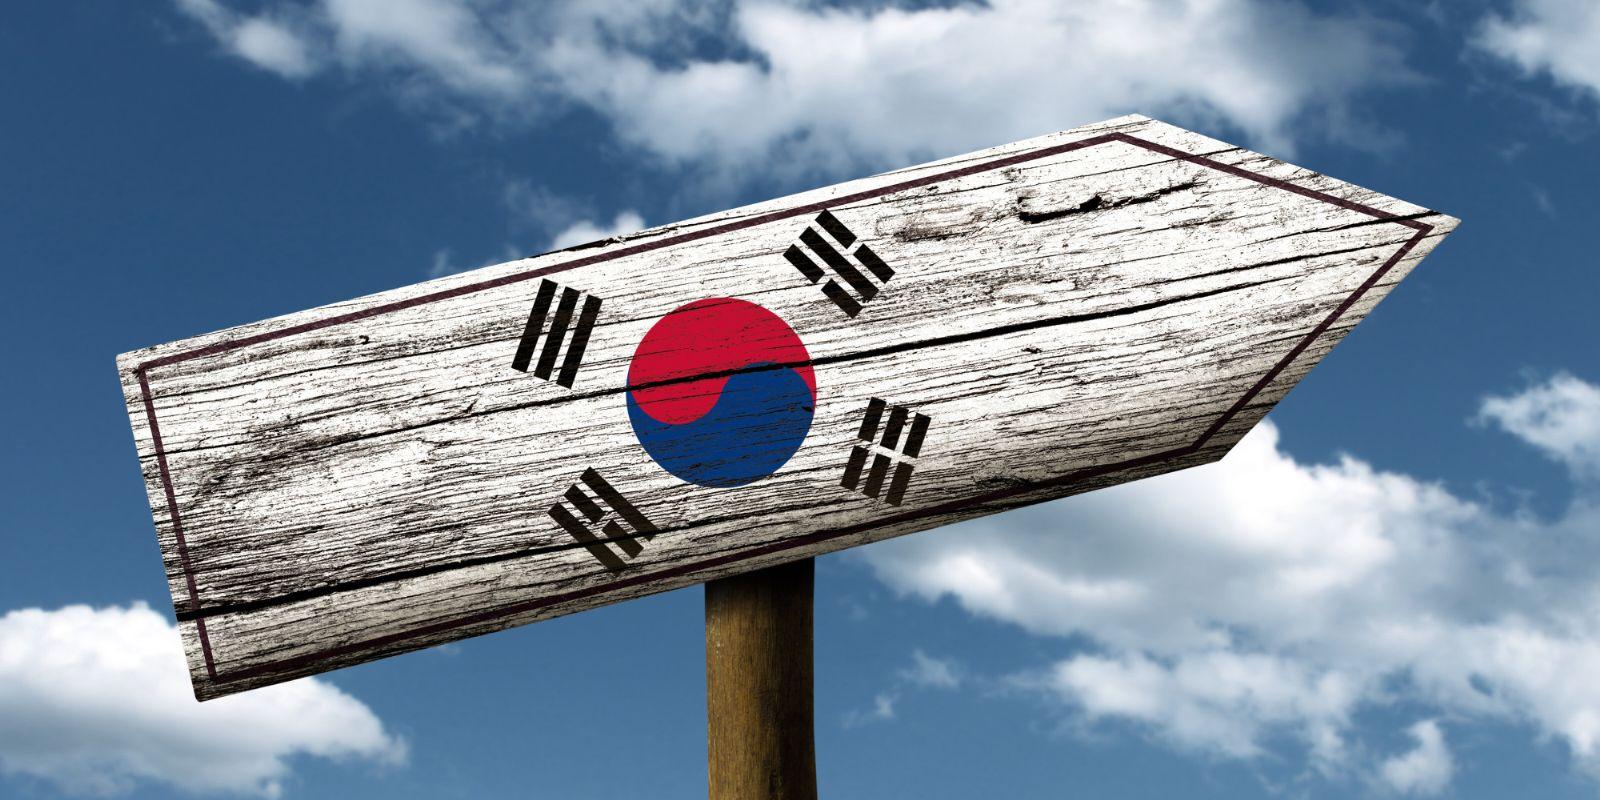 Dịch vụ chuyển phát nhanh từ Hồ Chí Minh đi Changwon Hàn Quốc